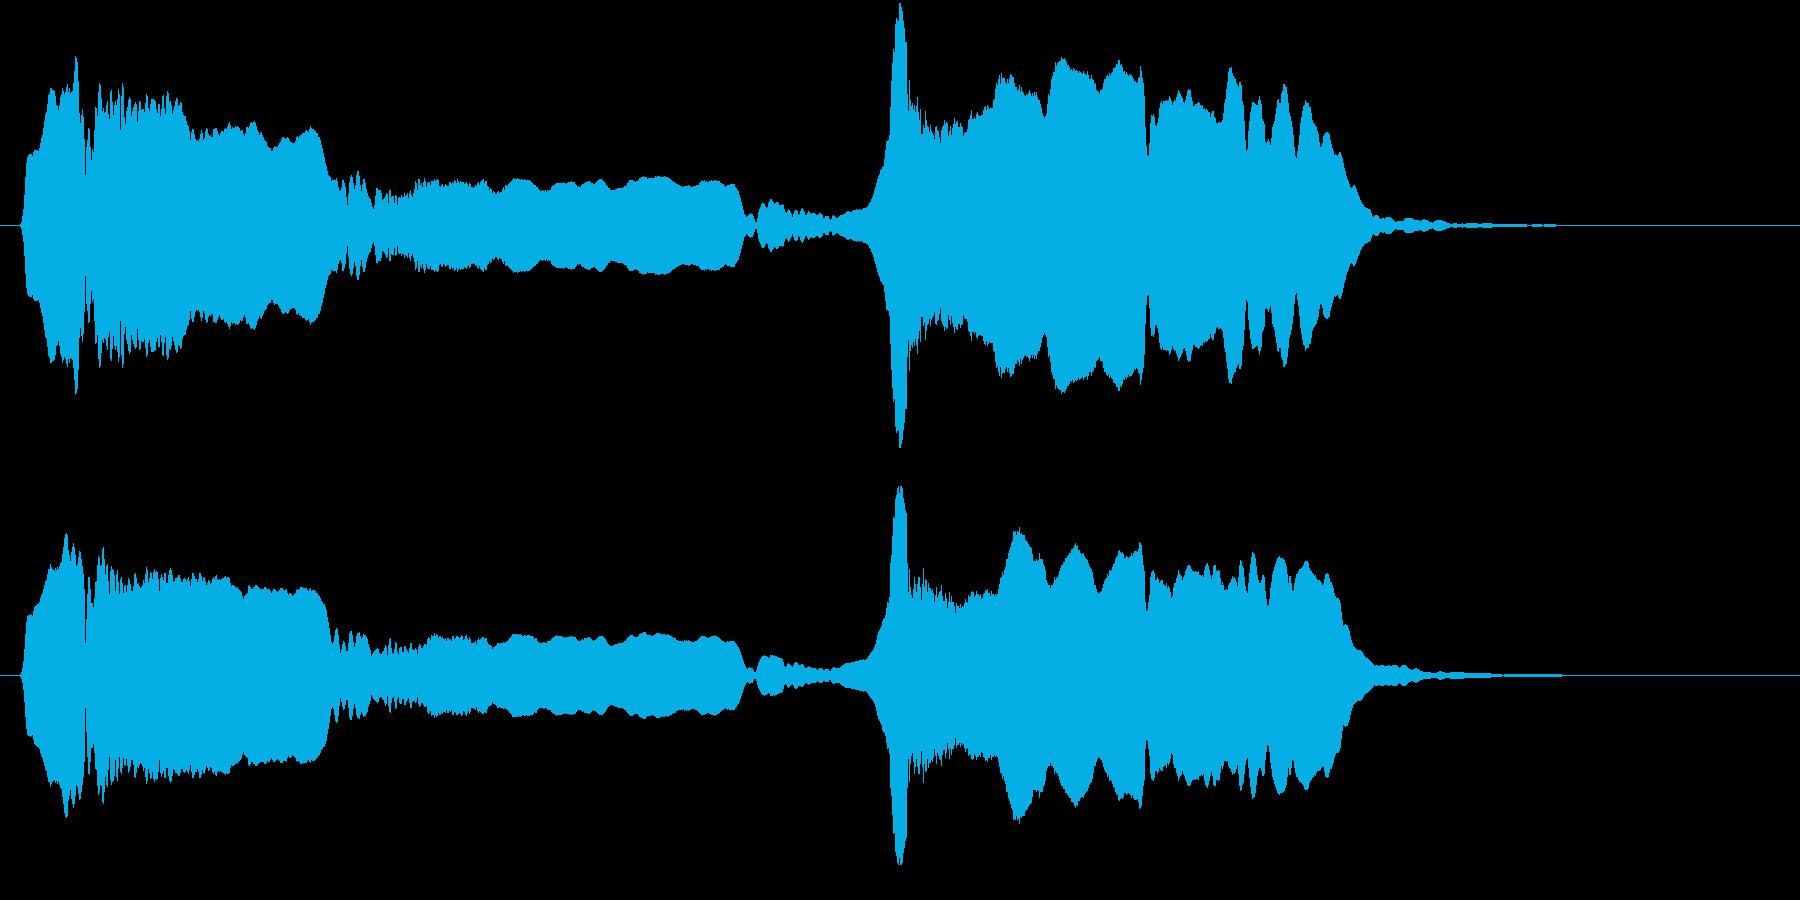 音侍SE「尺八フレーズ1」エニグマ音02の再生済みの波形